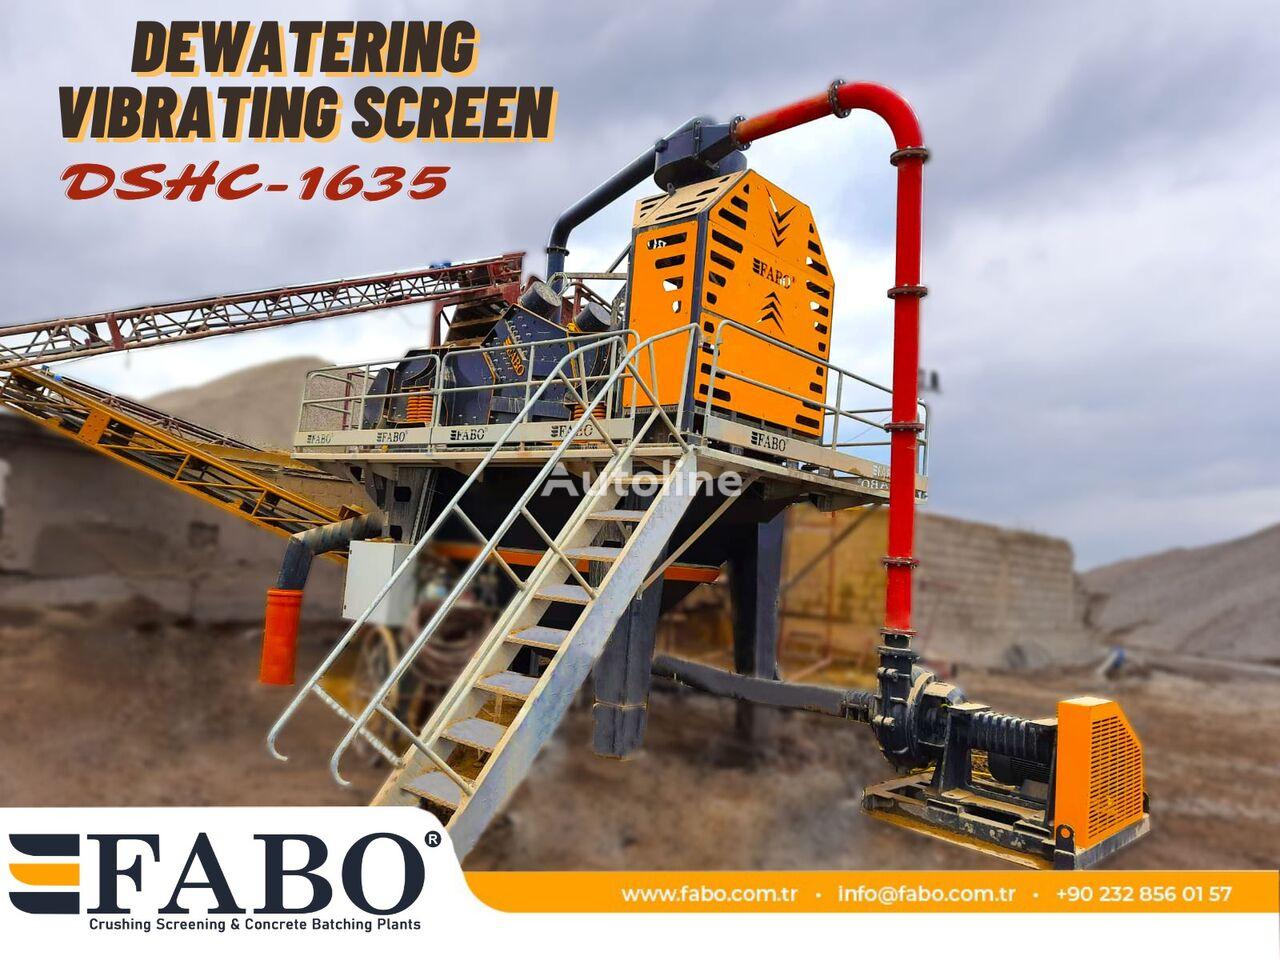 nový drtič FABO DSHC-1635 DEWATERING SCREEN